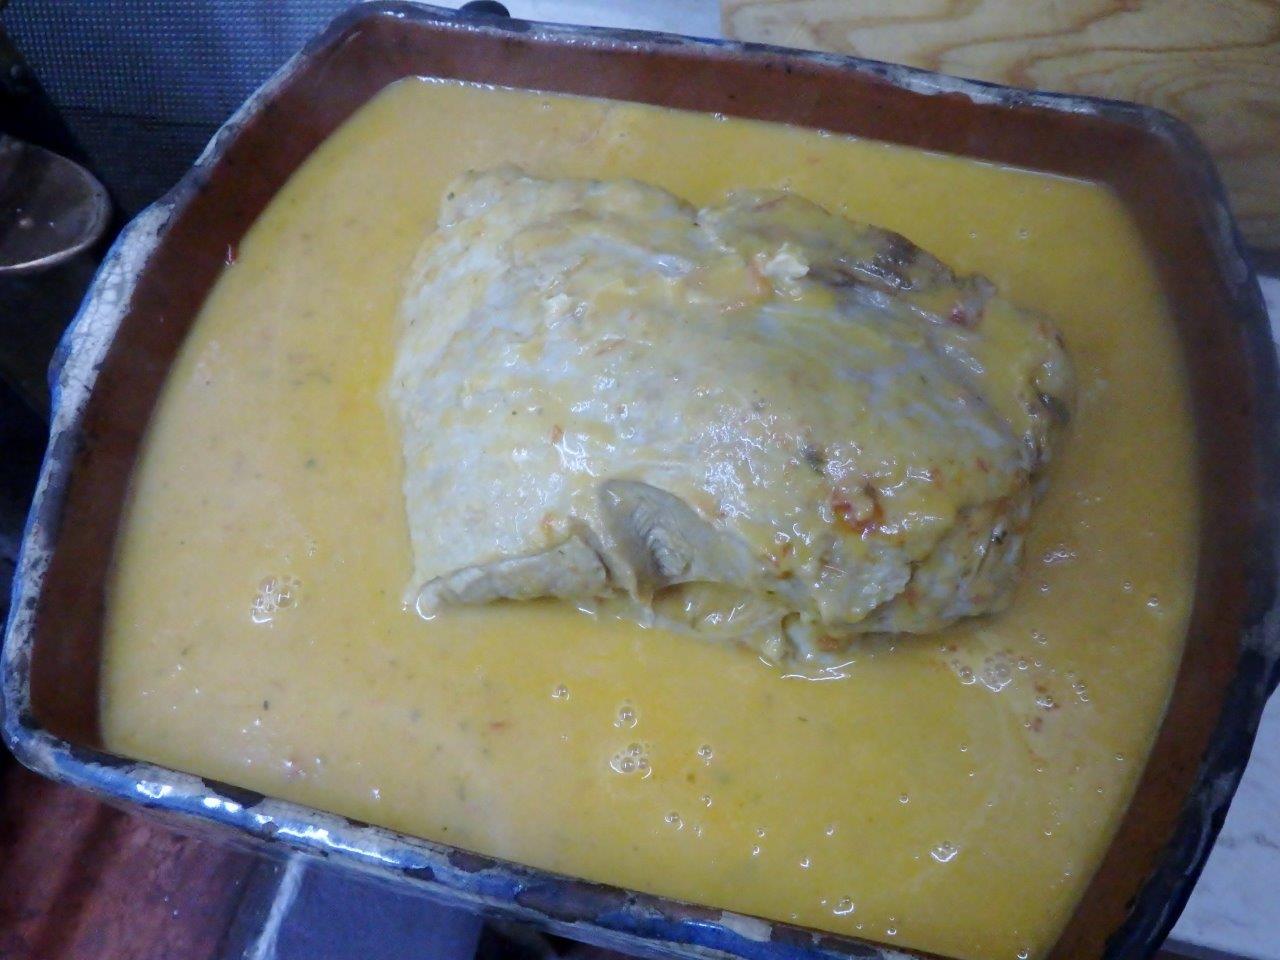 carne assada à pressão com coentros Carne Assada à pressão com Coentros Carne Assada pressao com Coentros 8